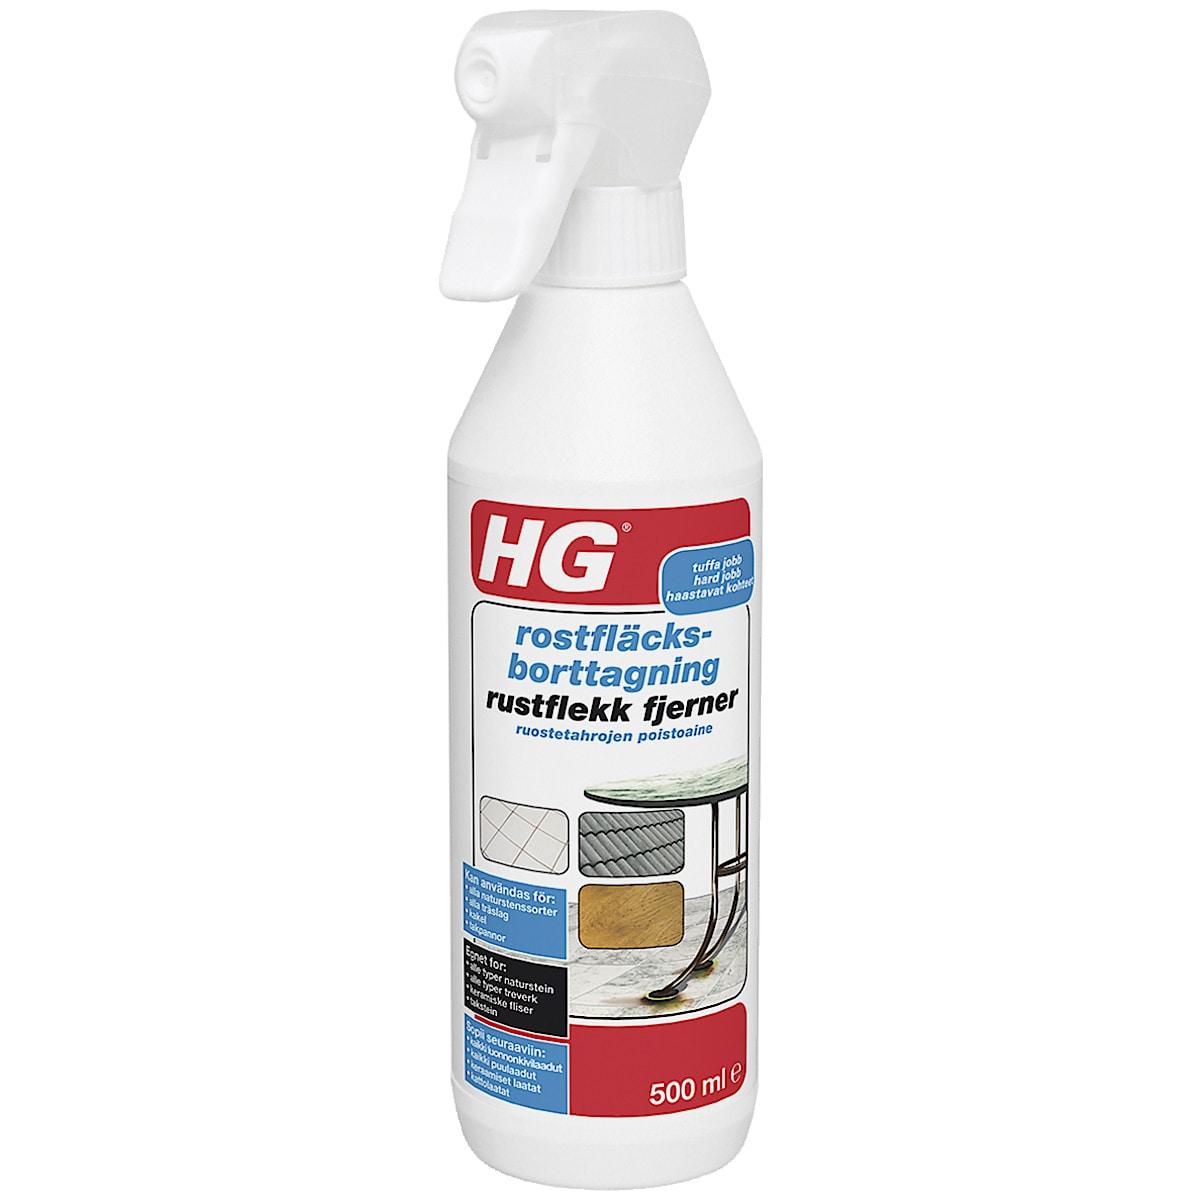 Rostfläcksborttagning HG